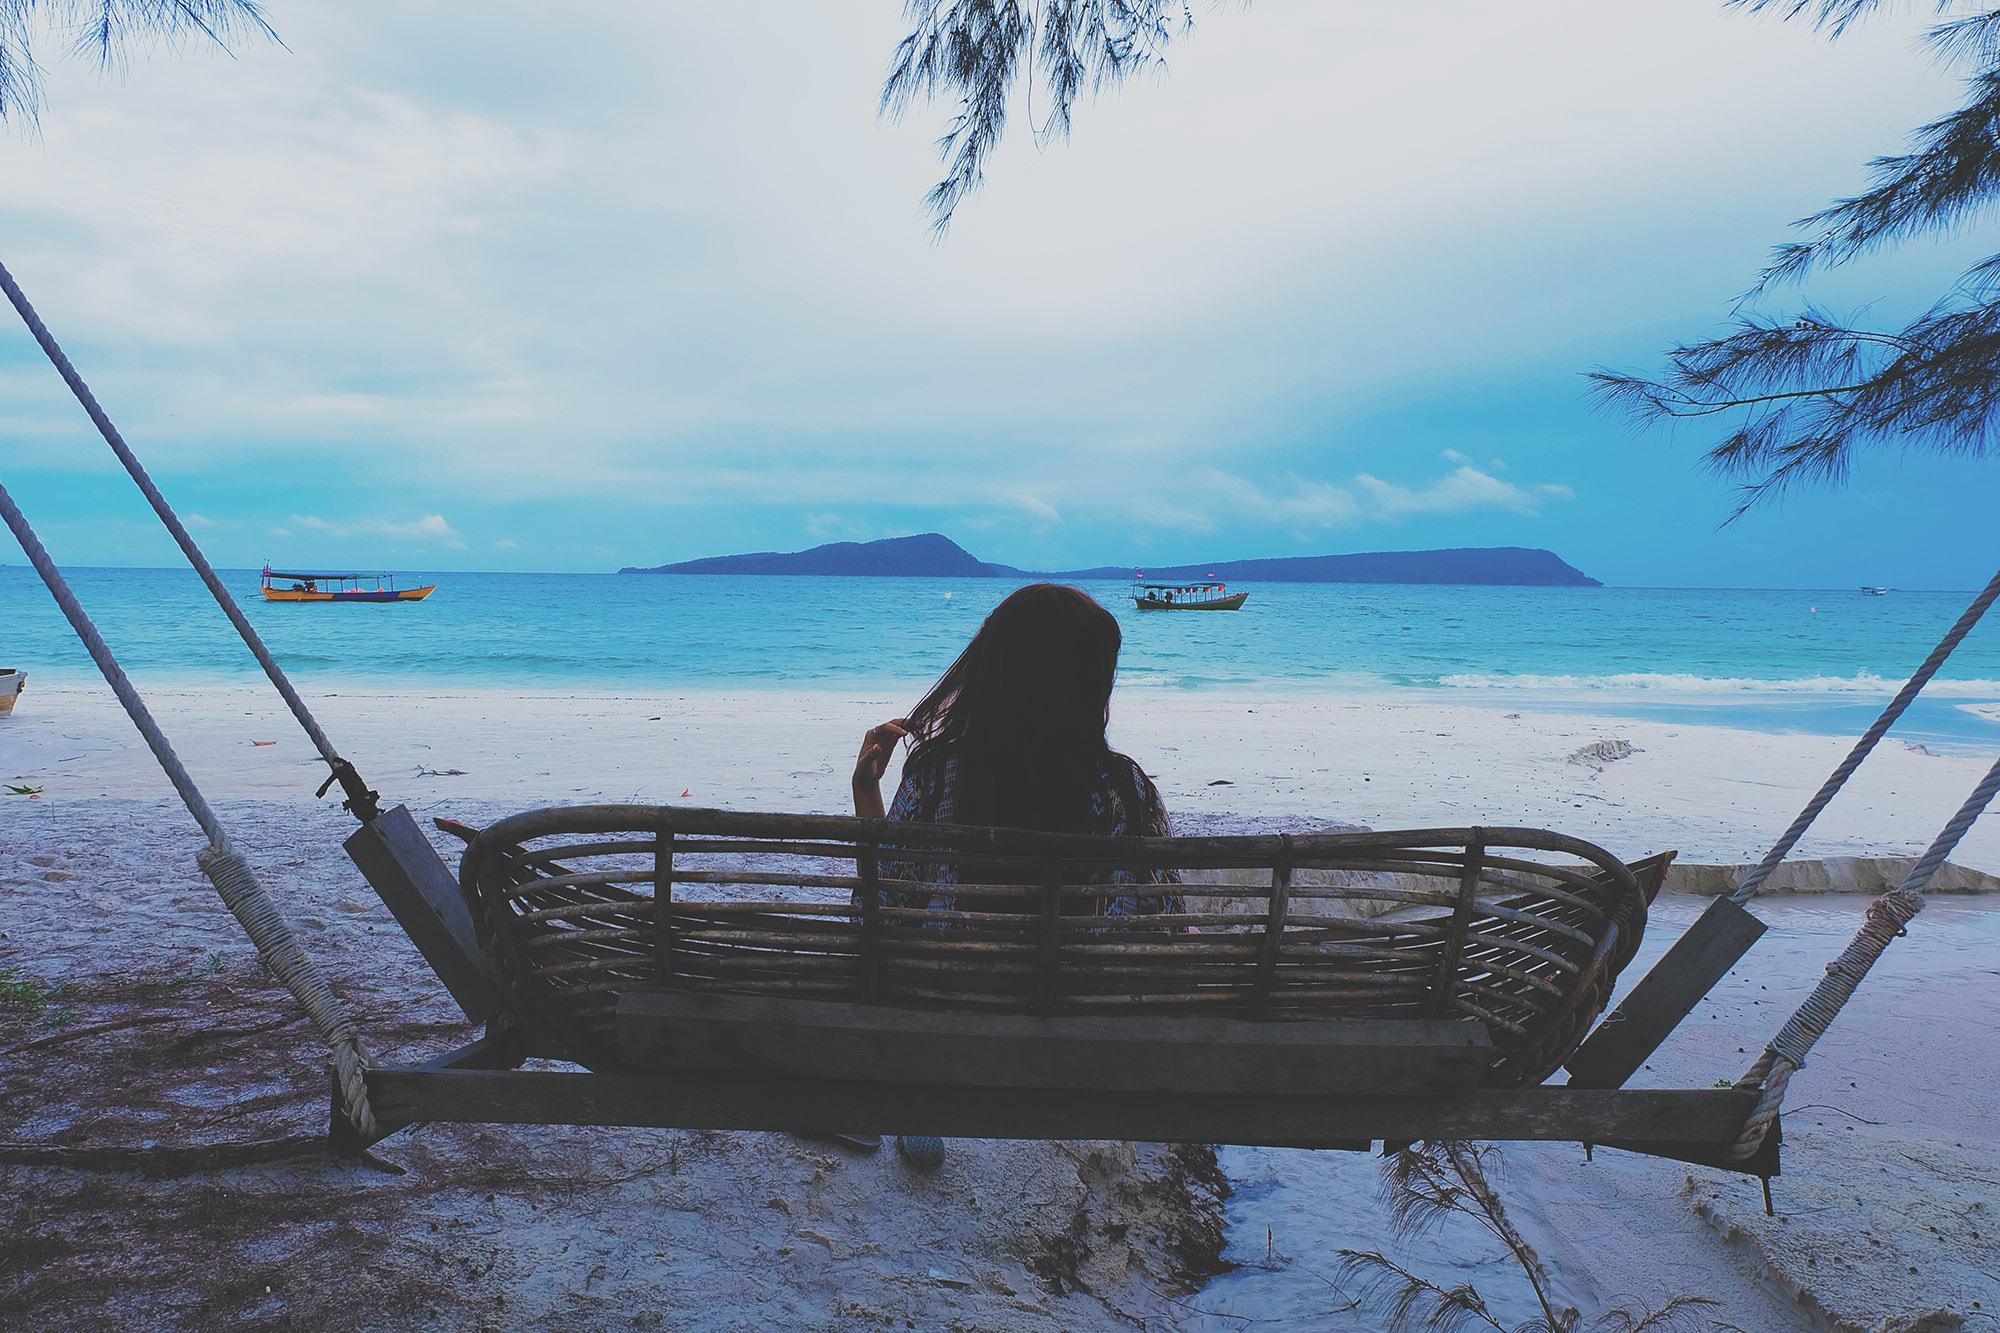 koh rong7 - Nên chọn đi đảo Koh Rong hay đảo Koh Rong Samloem?